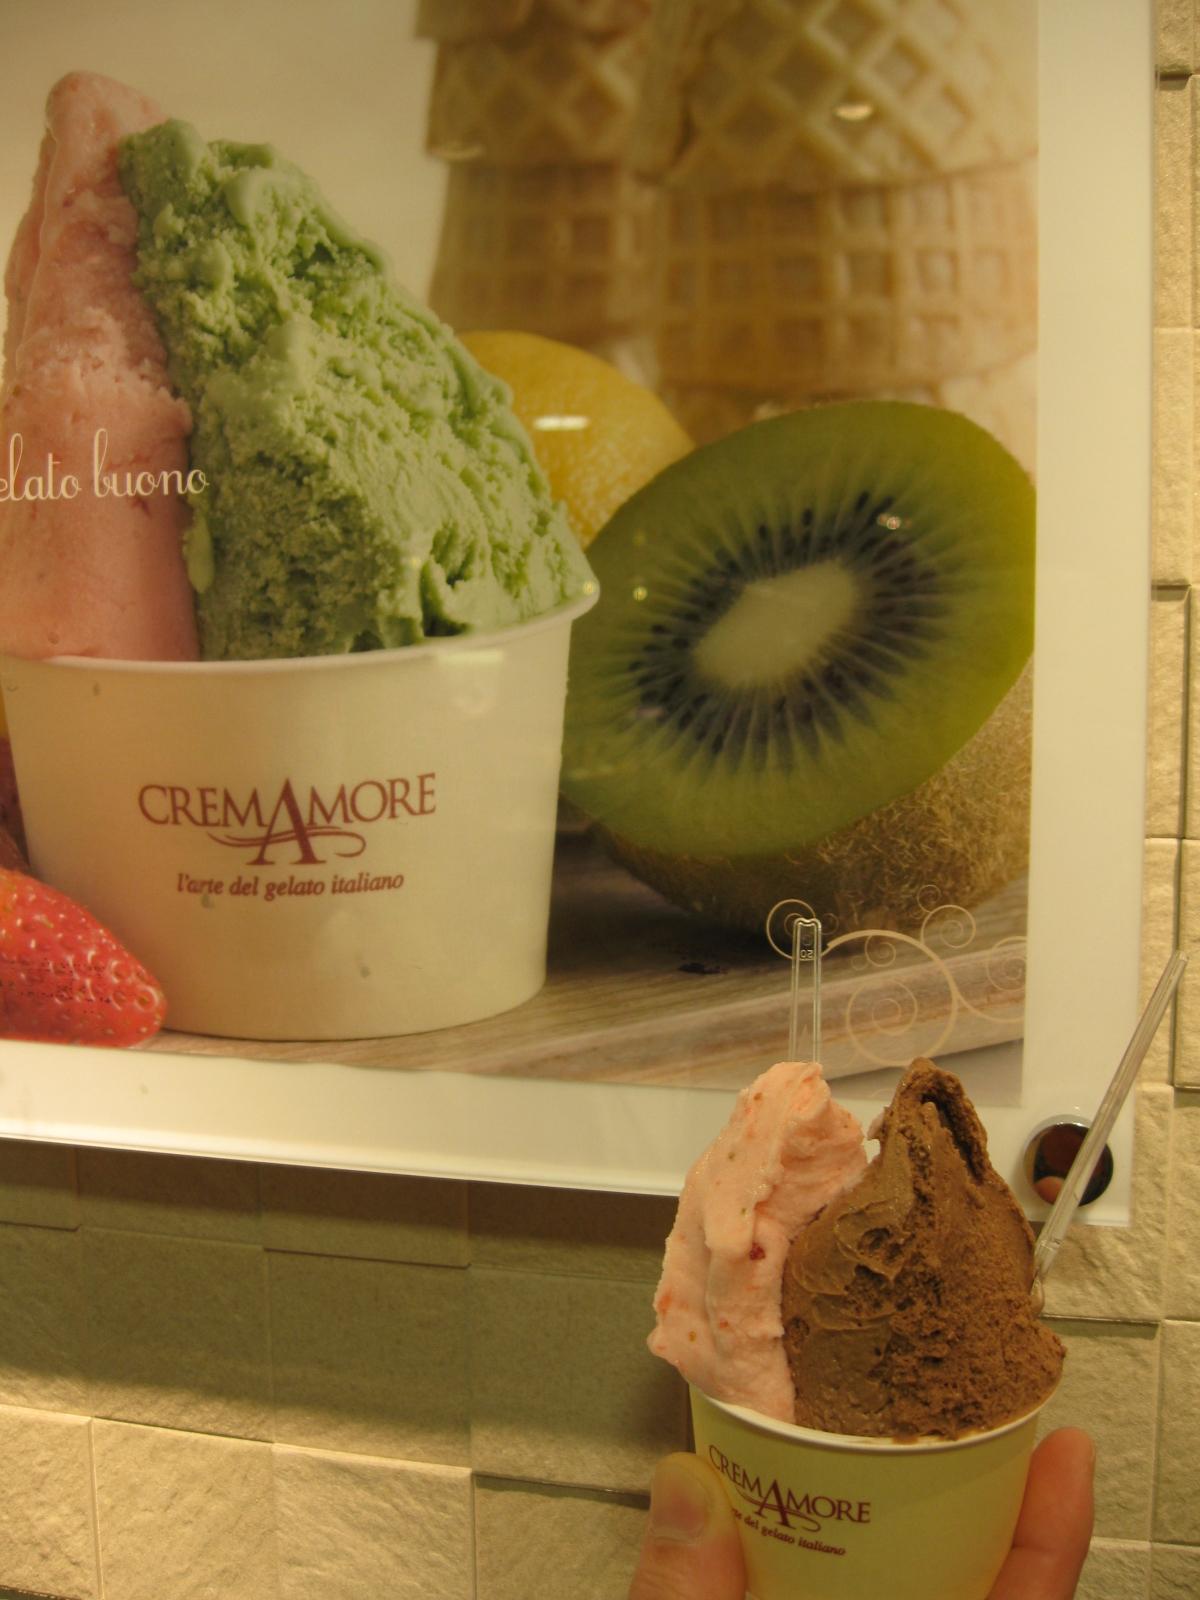 CreamAmore(クレマモーレ) 西武渋谷店 アイスクリーム 絶品